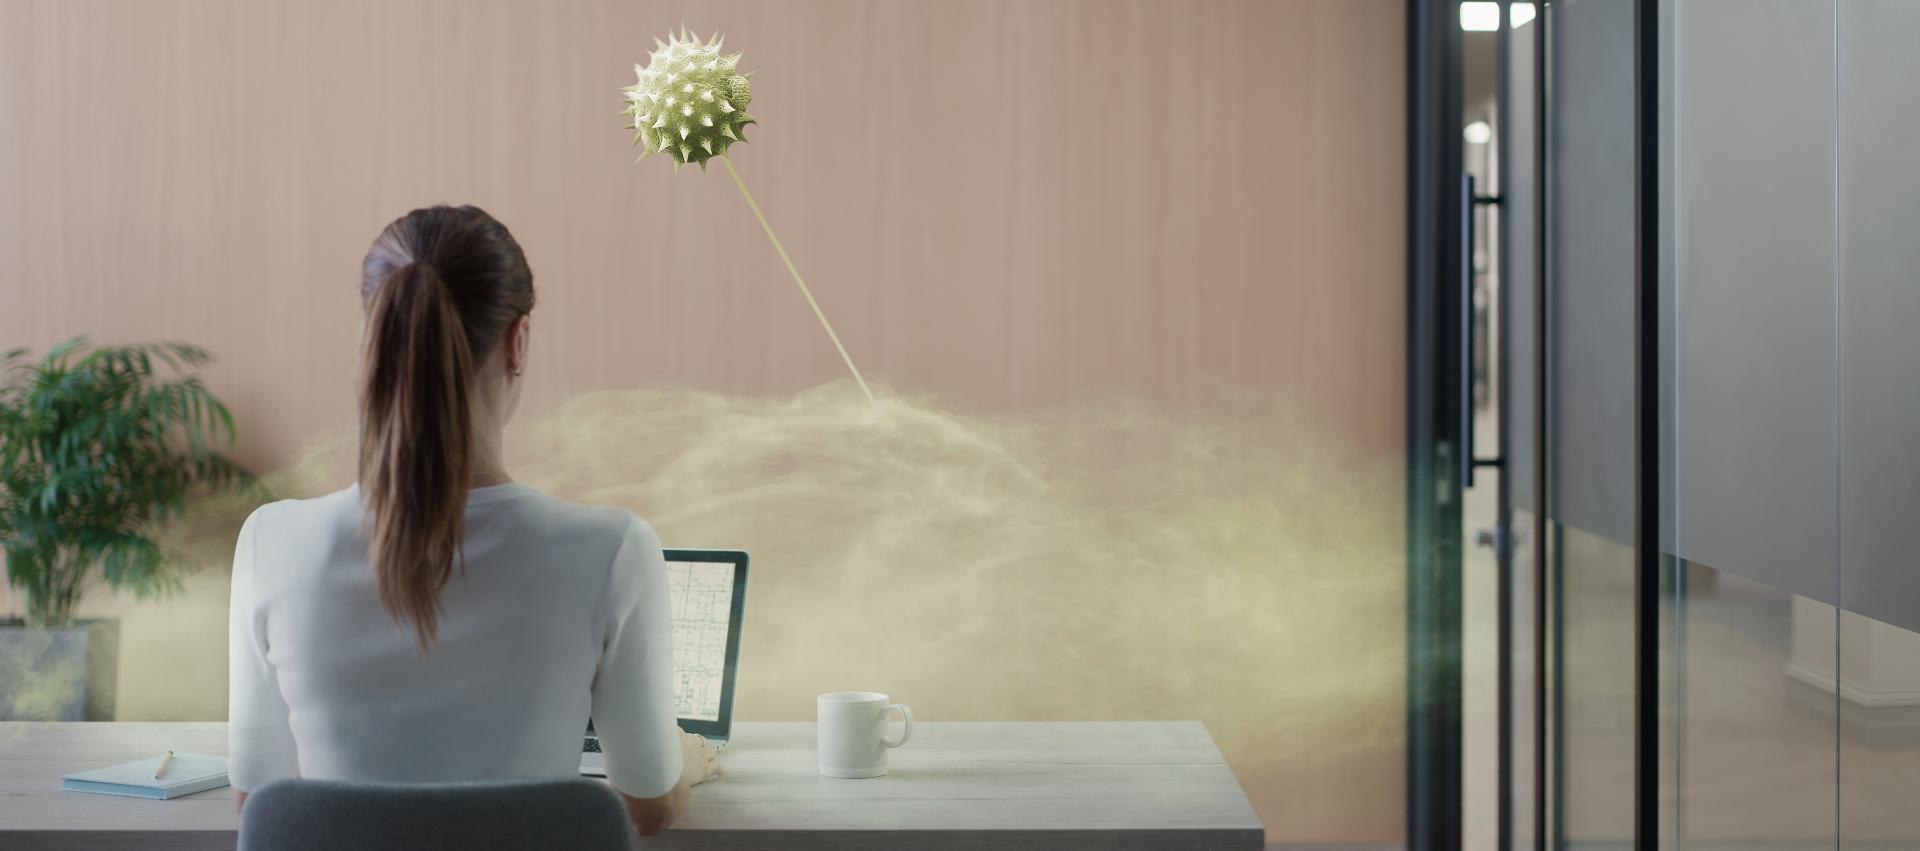 אישה יושבת ליד שולחן בחדר ישיבות במשרד. תמונה מיקרוסקופית חושפת מזהמים באוויר.